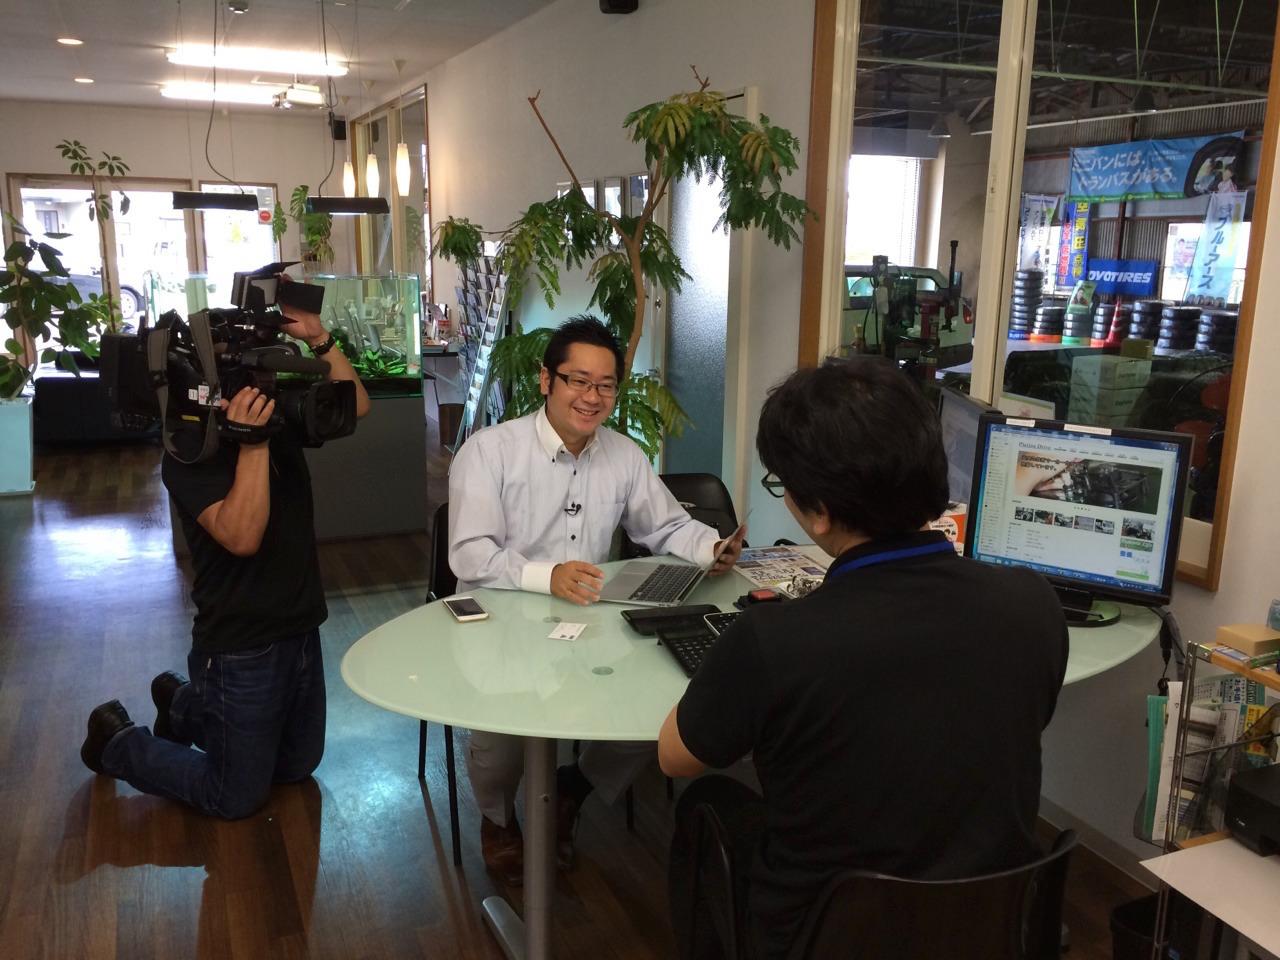 テレビ東京『ワールドビジネスサテライト』 に取材を受けた際の様子(2015年)